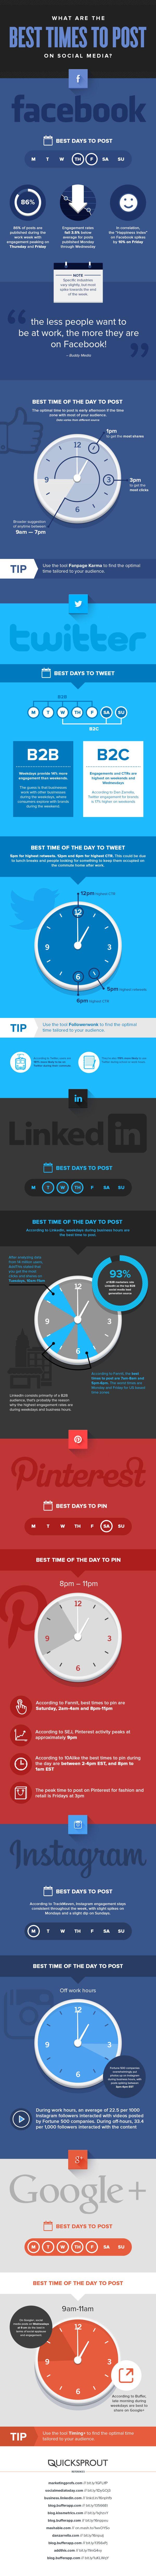 [#CM] Quand poster sur les réseaux sociaux ? QuickSprout a réalisé une infographie qui rassemble ces chiffres, et nous avons choisi de la partager pour 2 raisons : les sources sont fiables (statistiques officielles ou organismes spécialisés et reconnus) et des outils sont proposés pour réaliser ses propres tests [Blog du Modérateur 23/06/15]